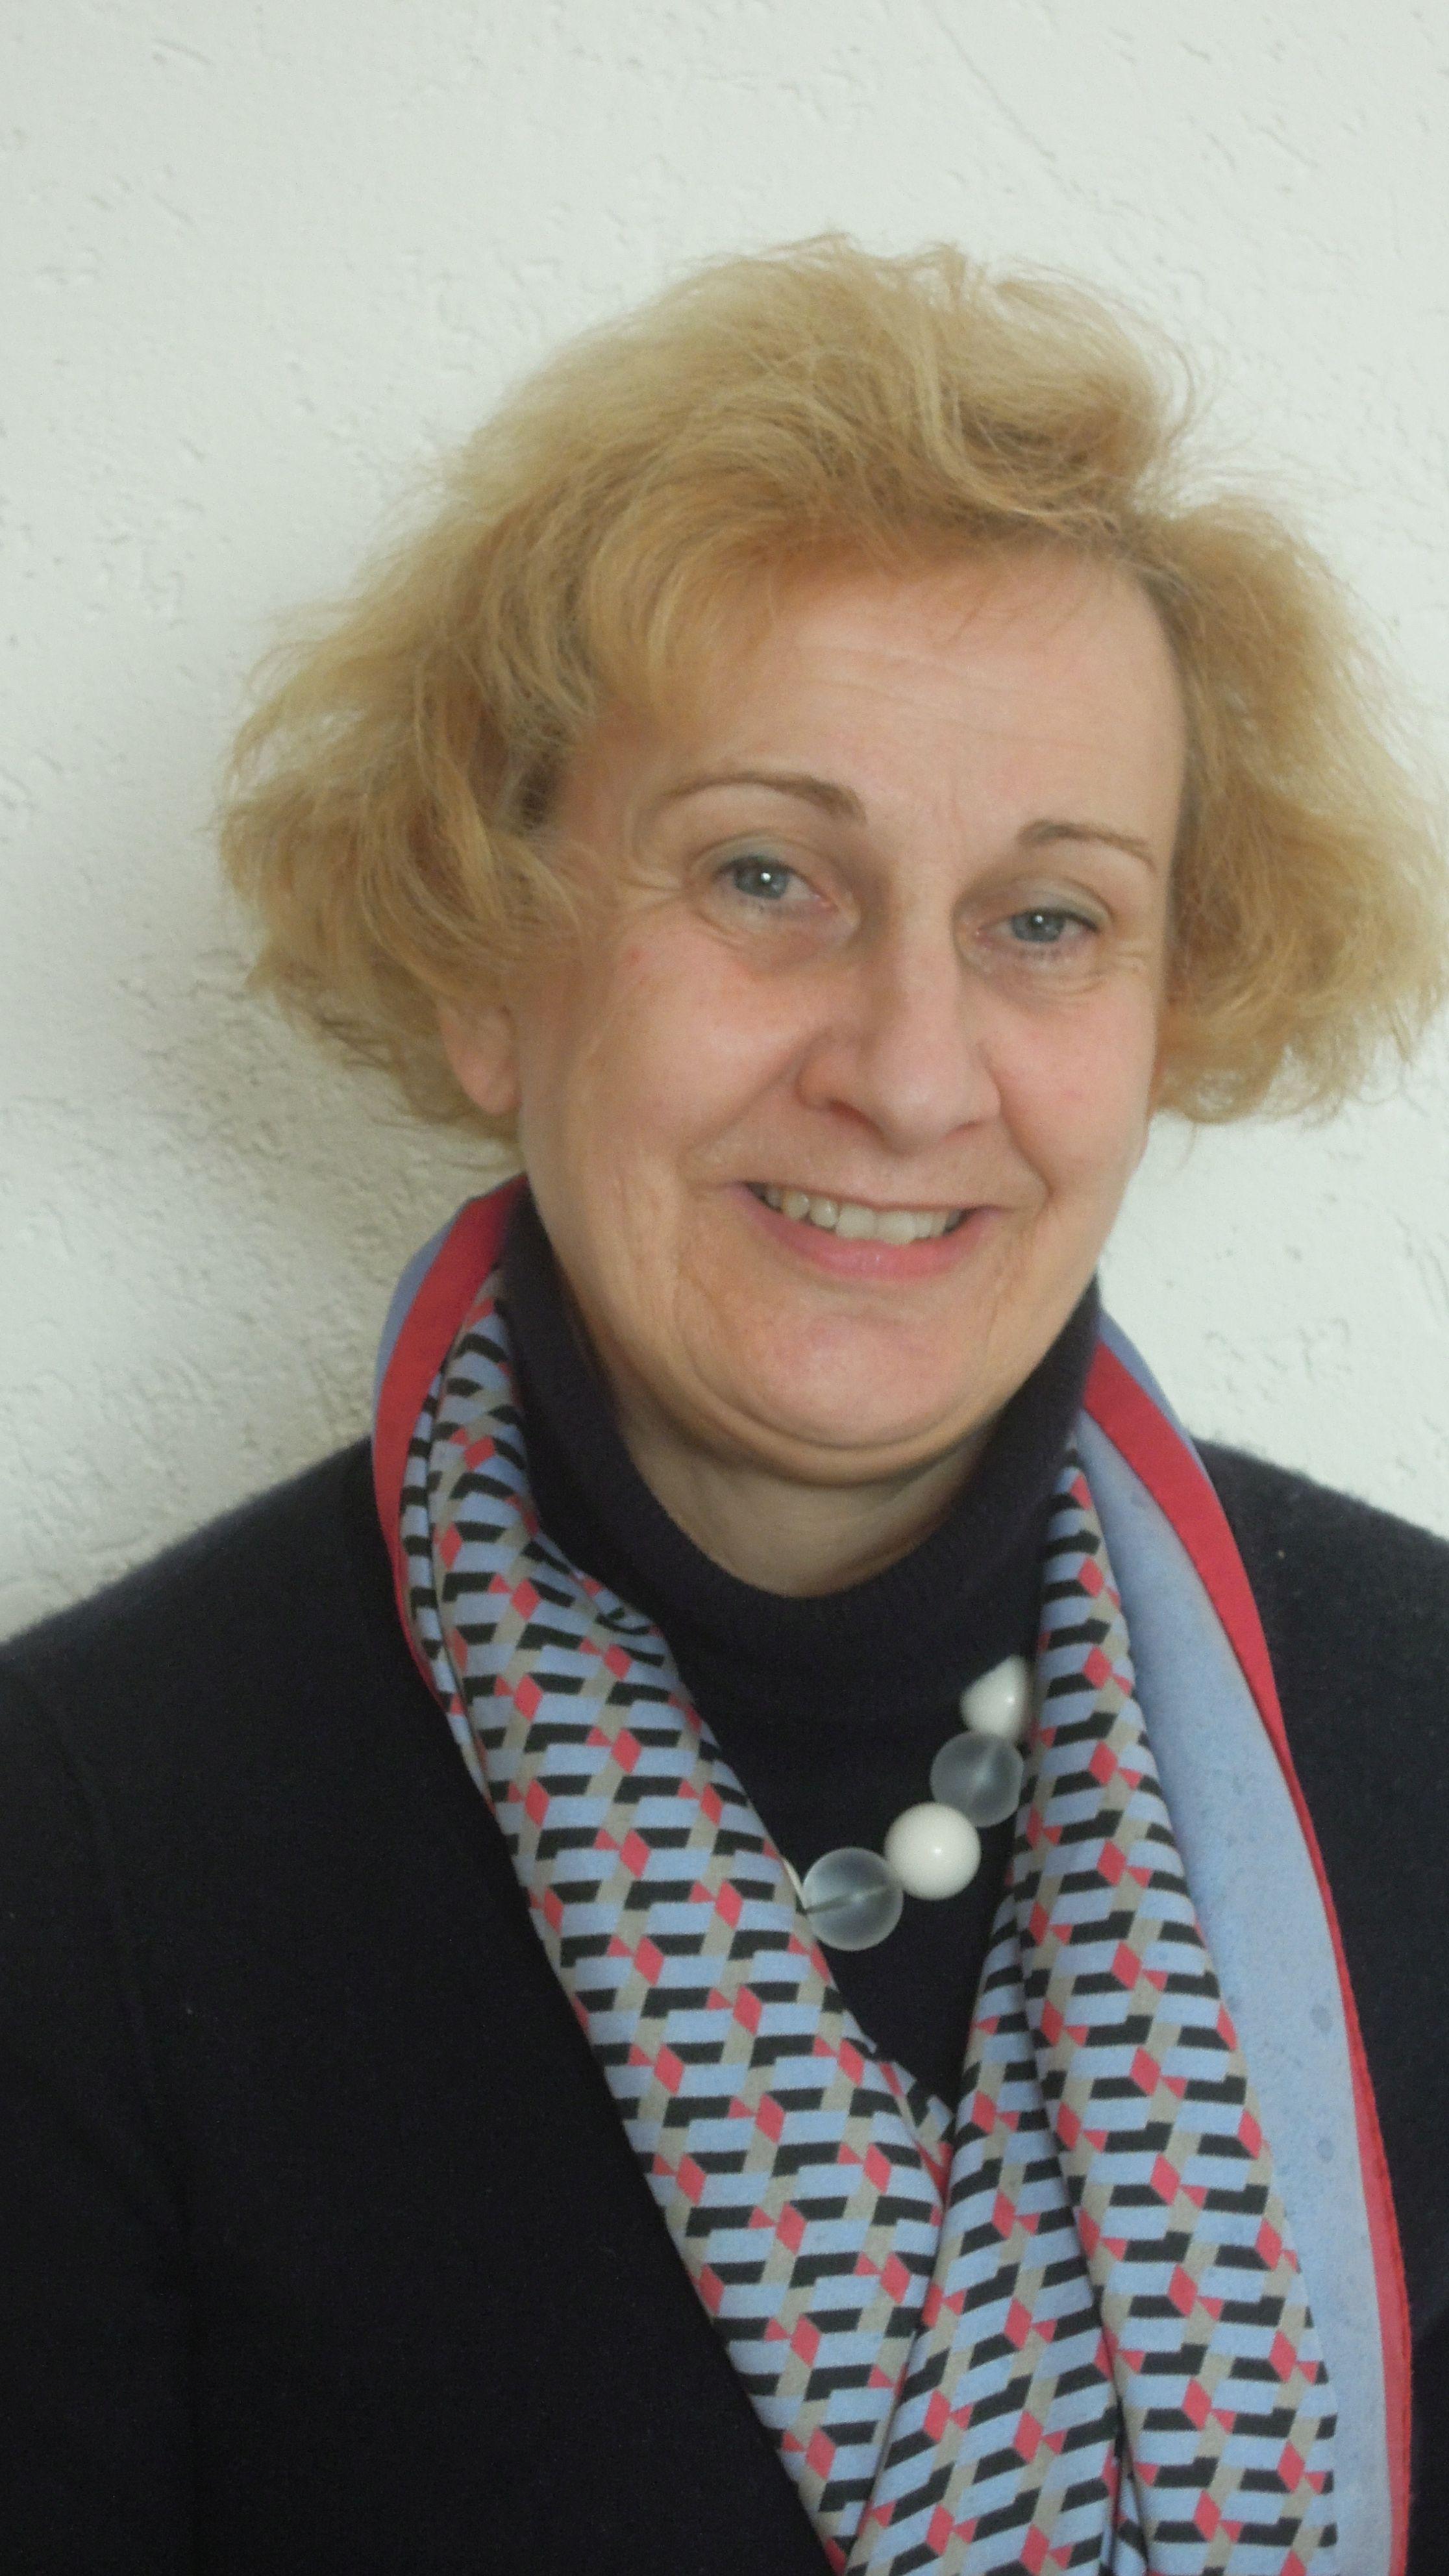 Anwaltskanzlei RAYHER - Rechts- und Fachanwalt für Familienrecht Ines Astrid Rayher